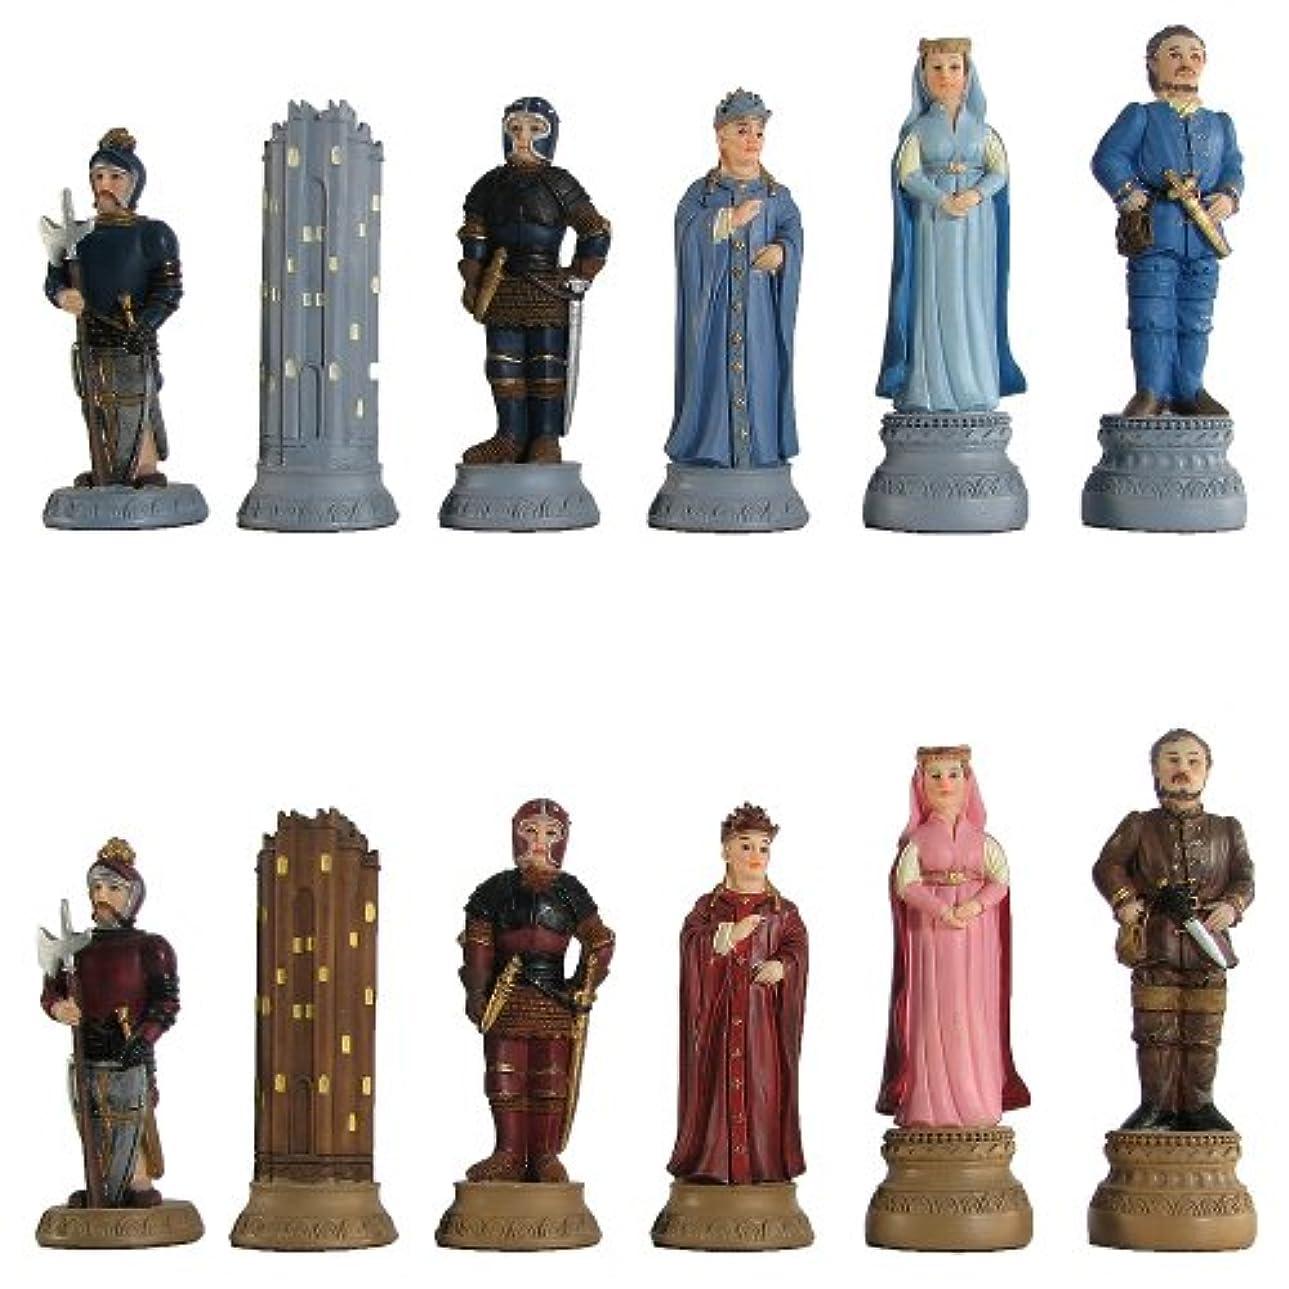 触覚含める付添人Medieval Hand Painted Polystone Chess Pieces